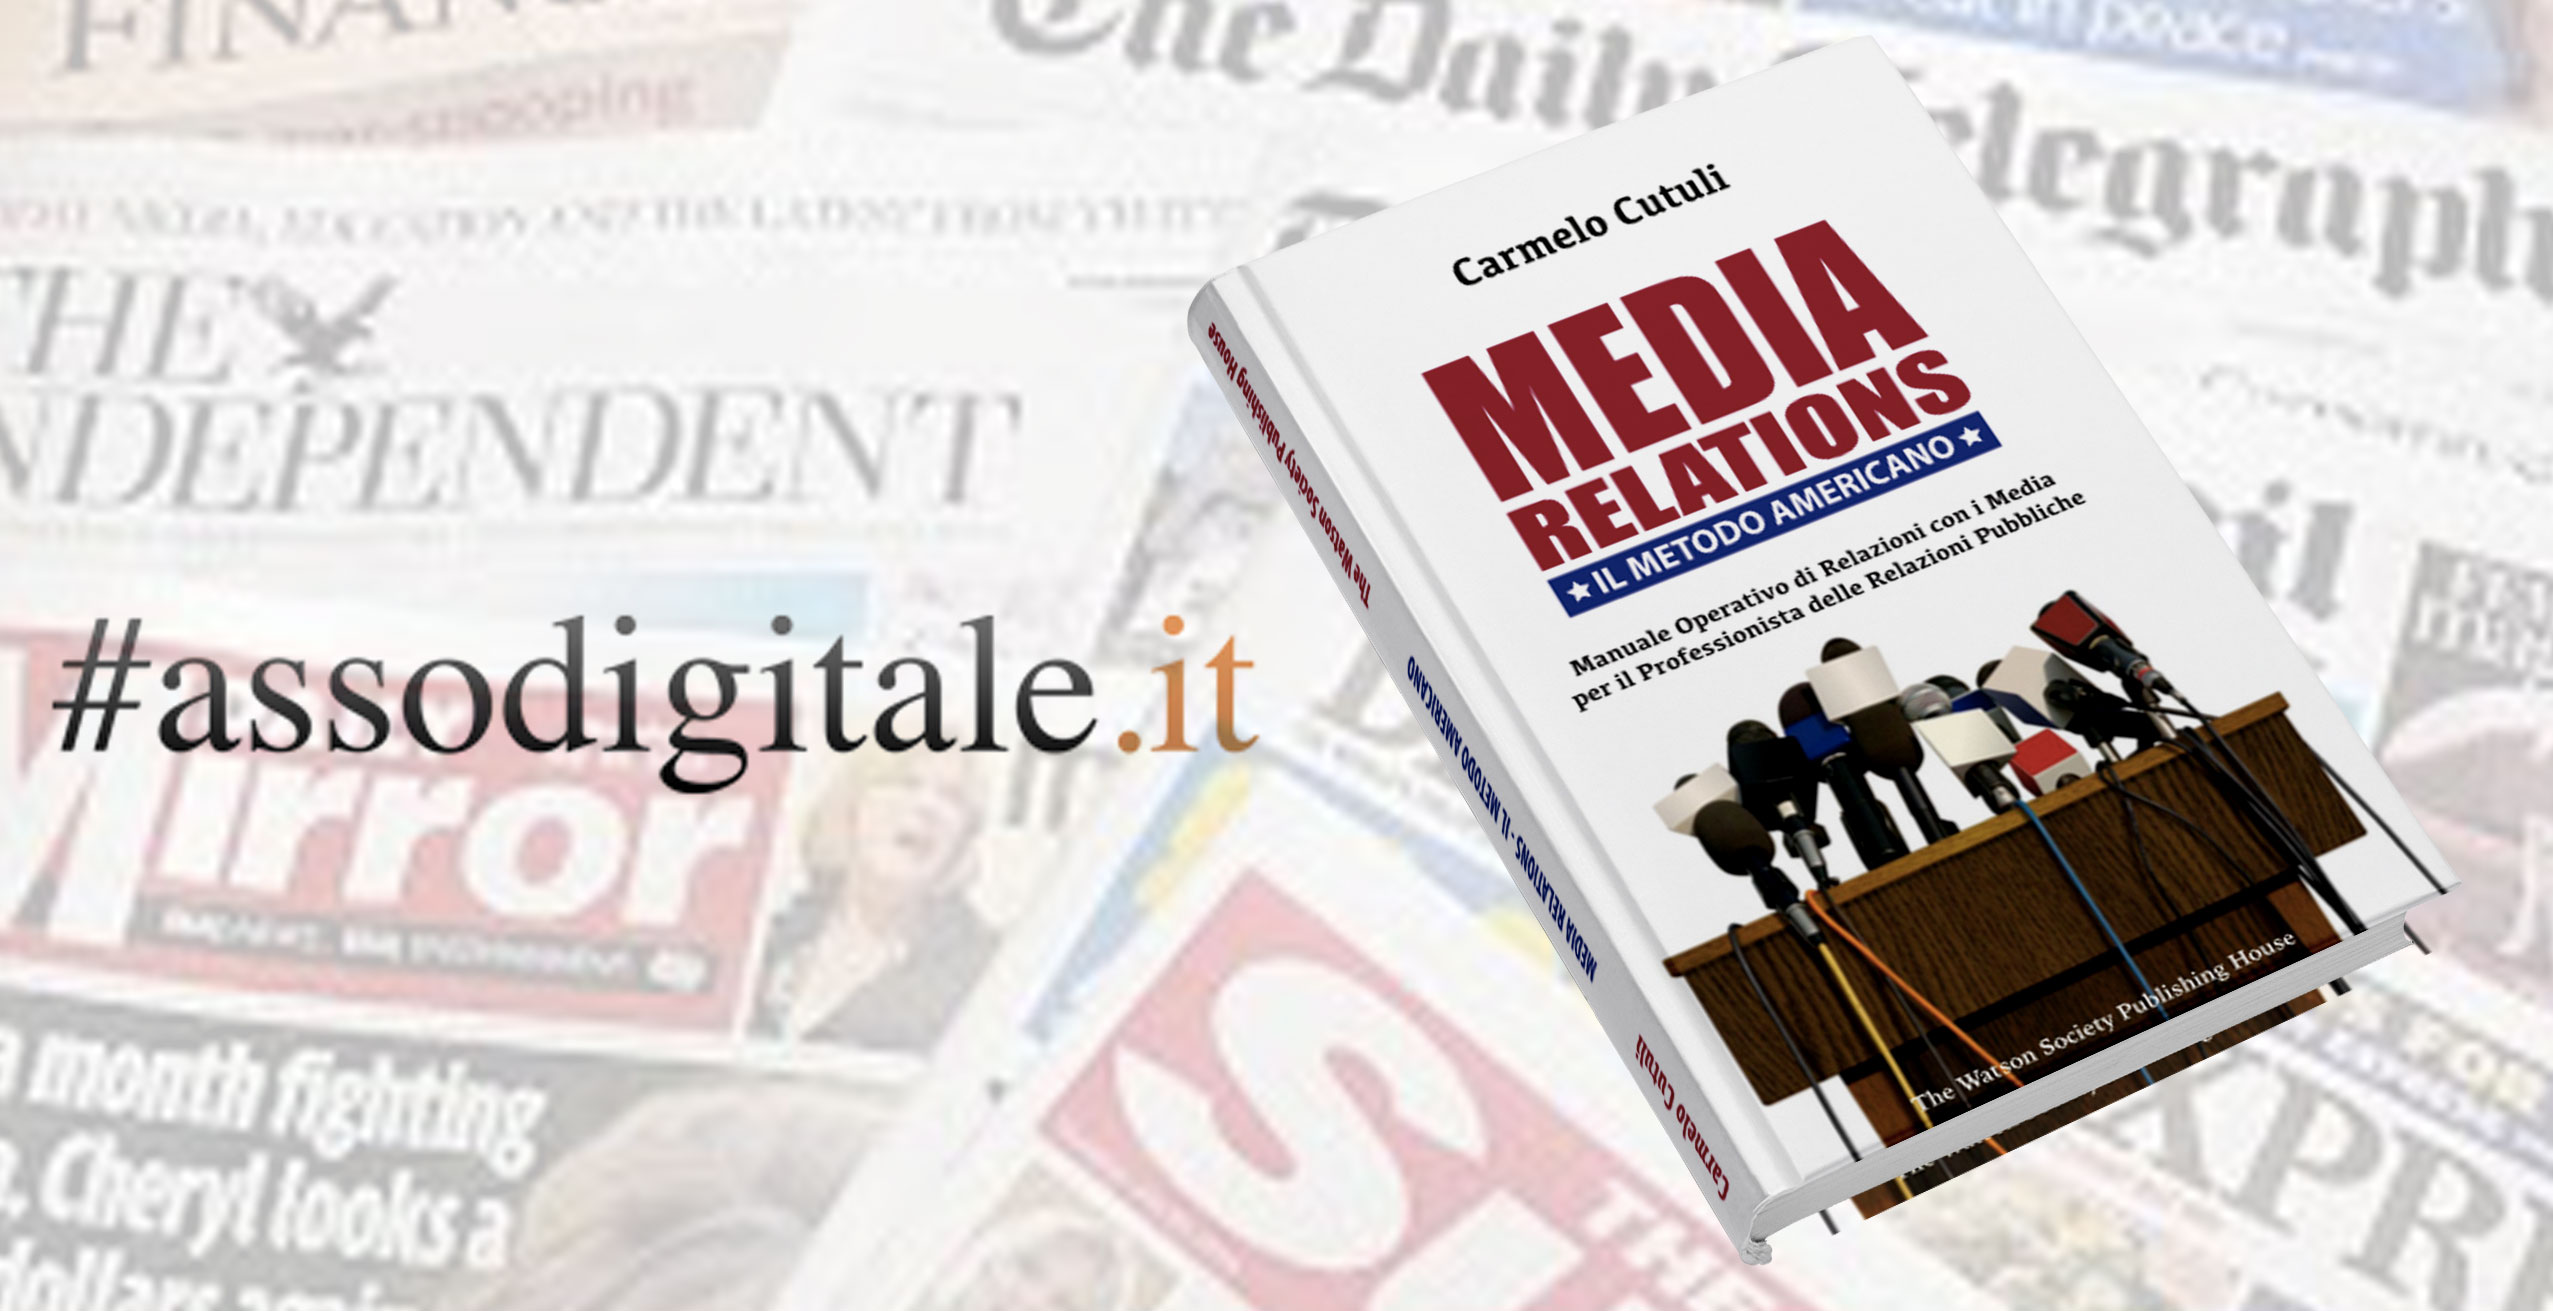 Assodigitale Intervista Carmelo Cutuli, autore del libro 'Media Relations. Il metodo americano'